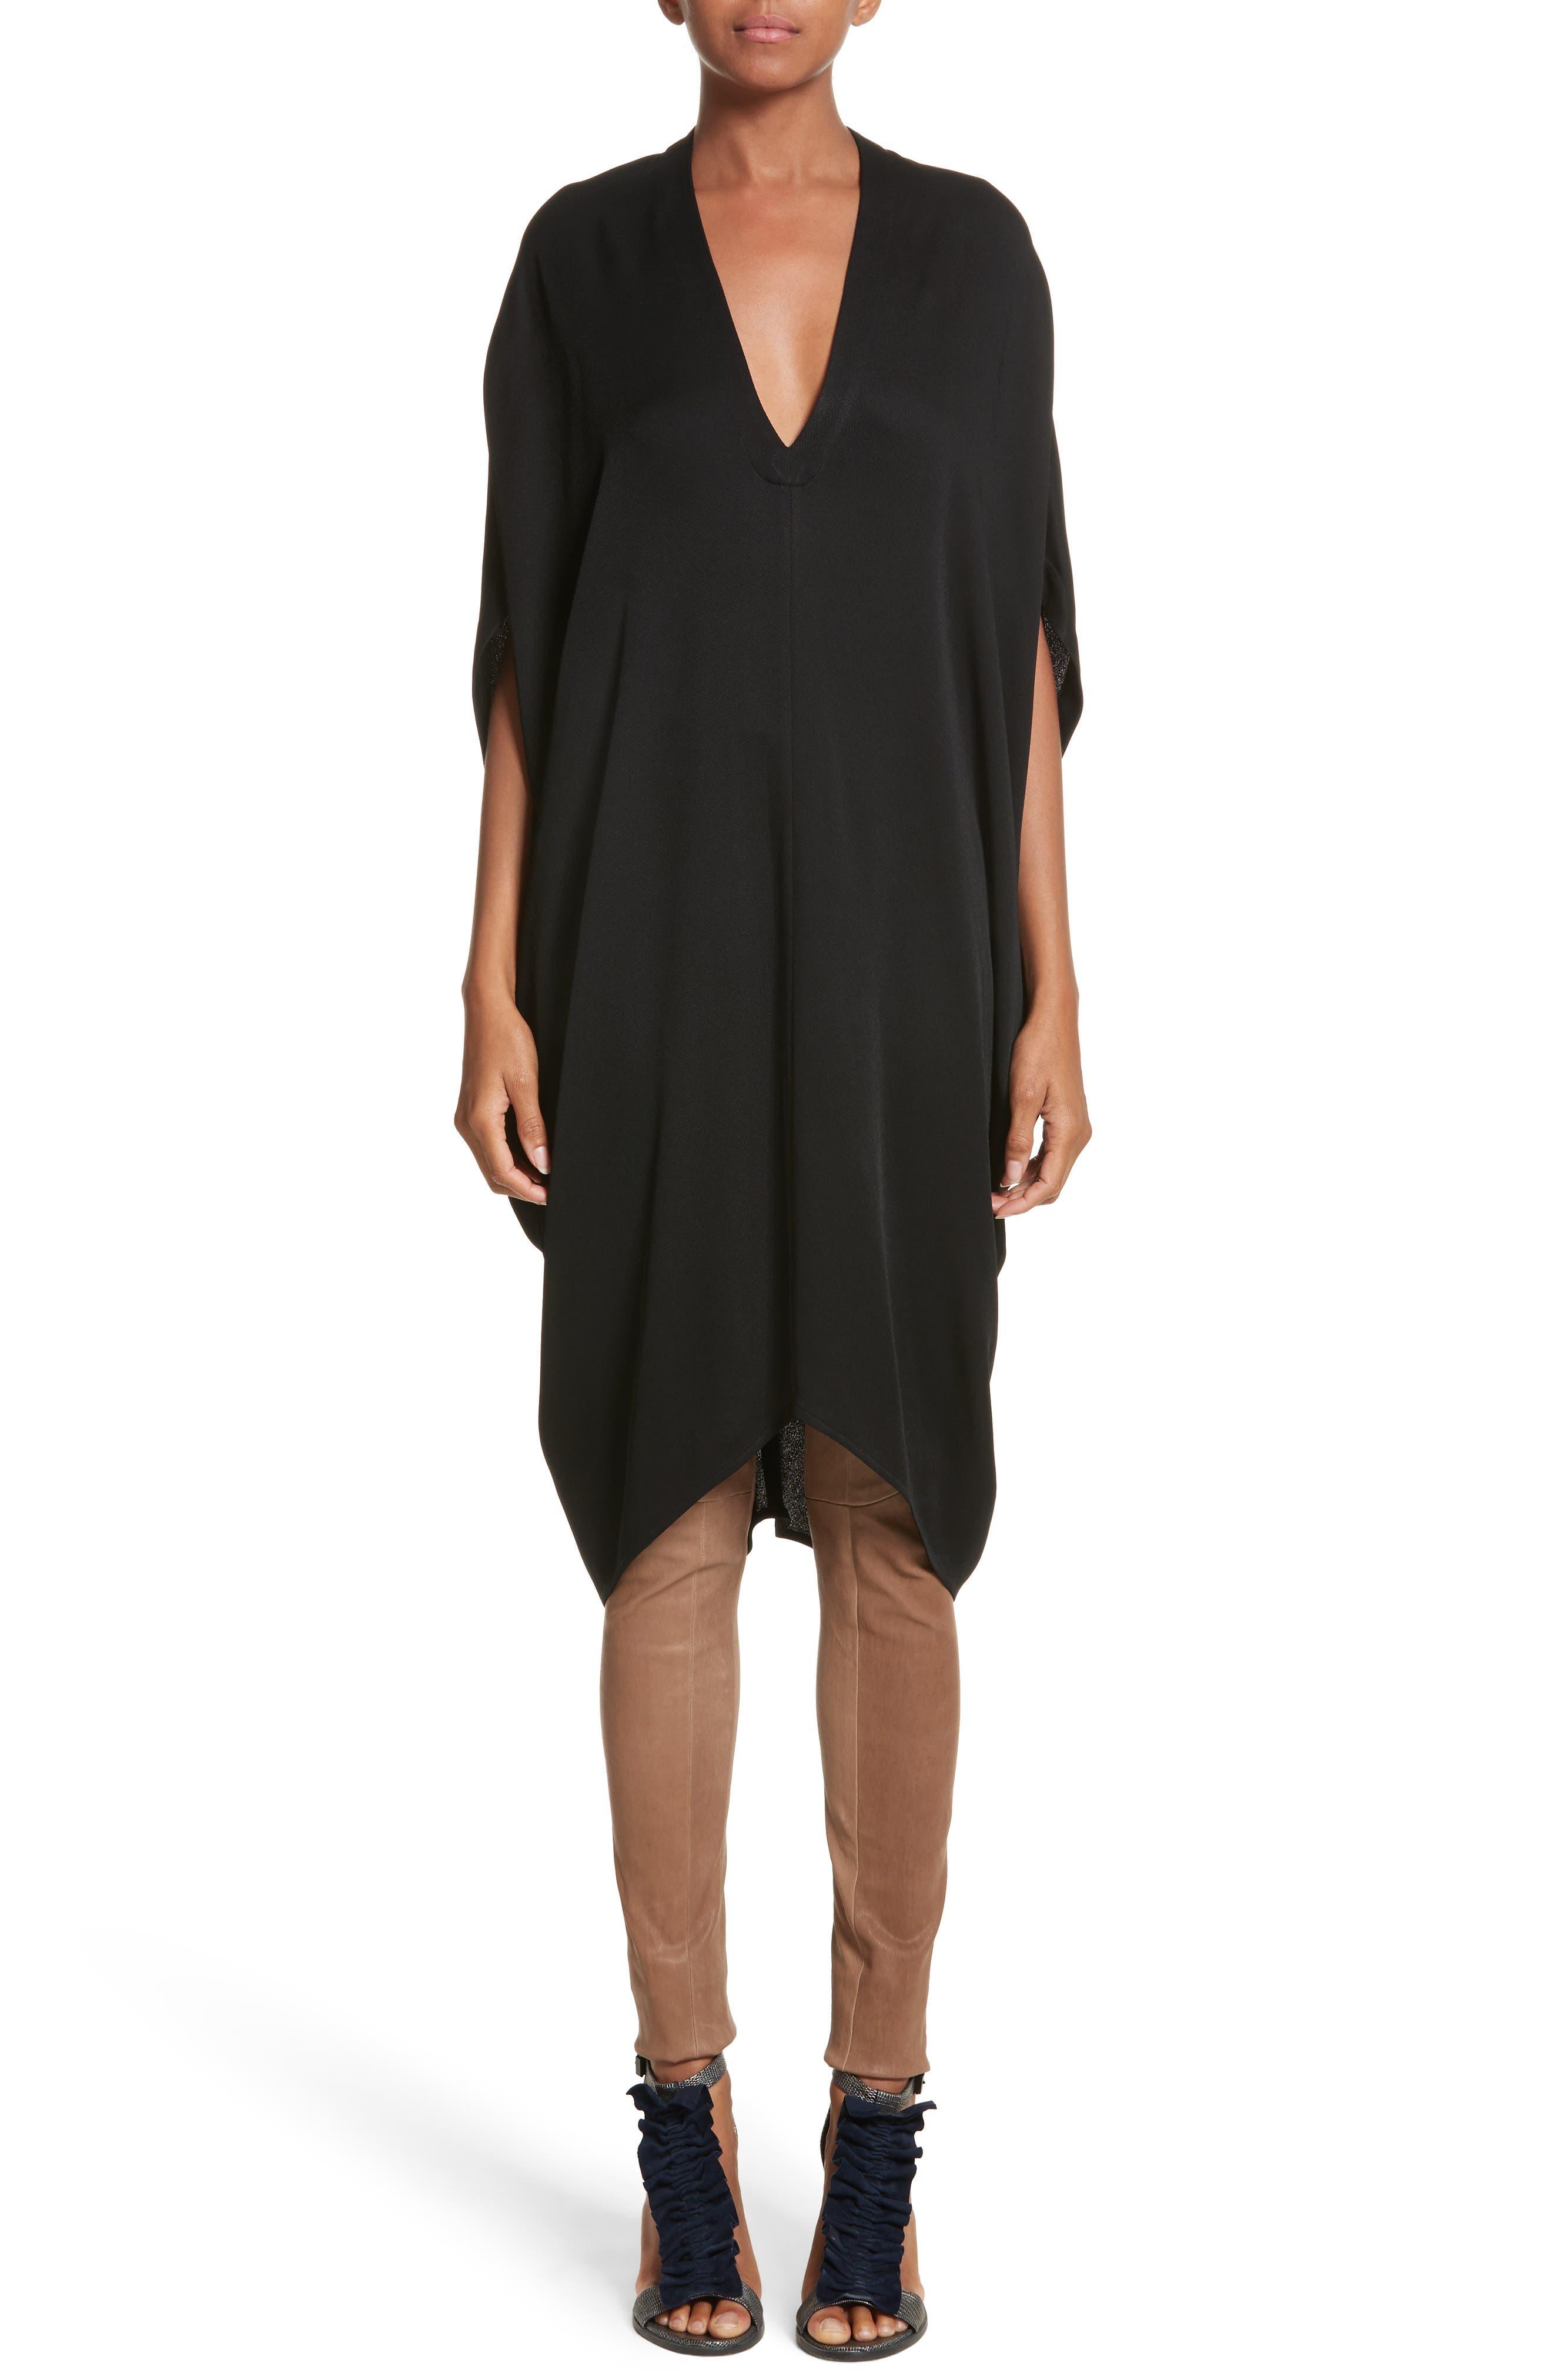 Eco Drape Dress,                             Main thumbnail 1, color,                             Black